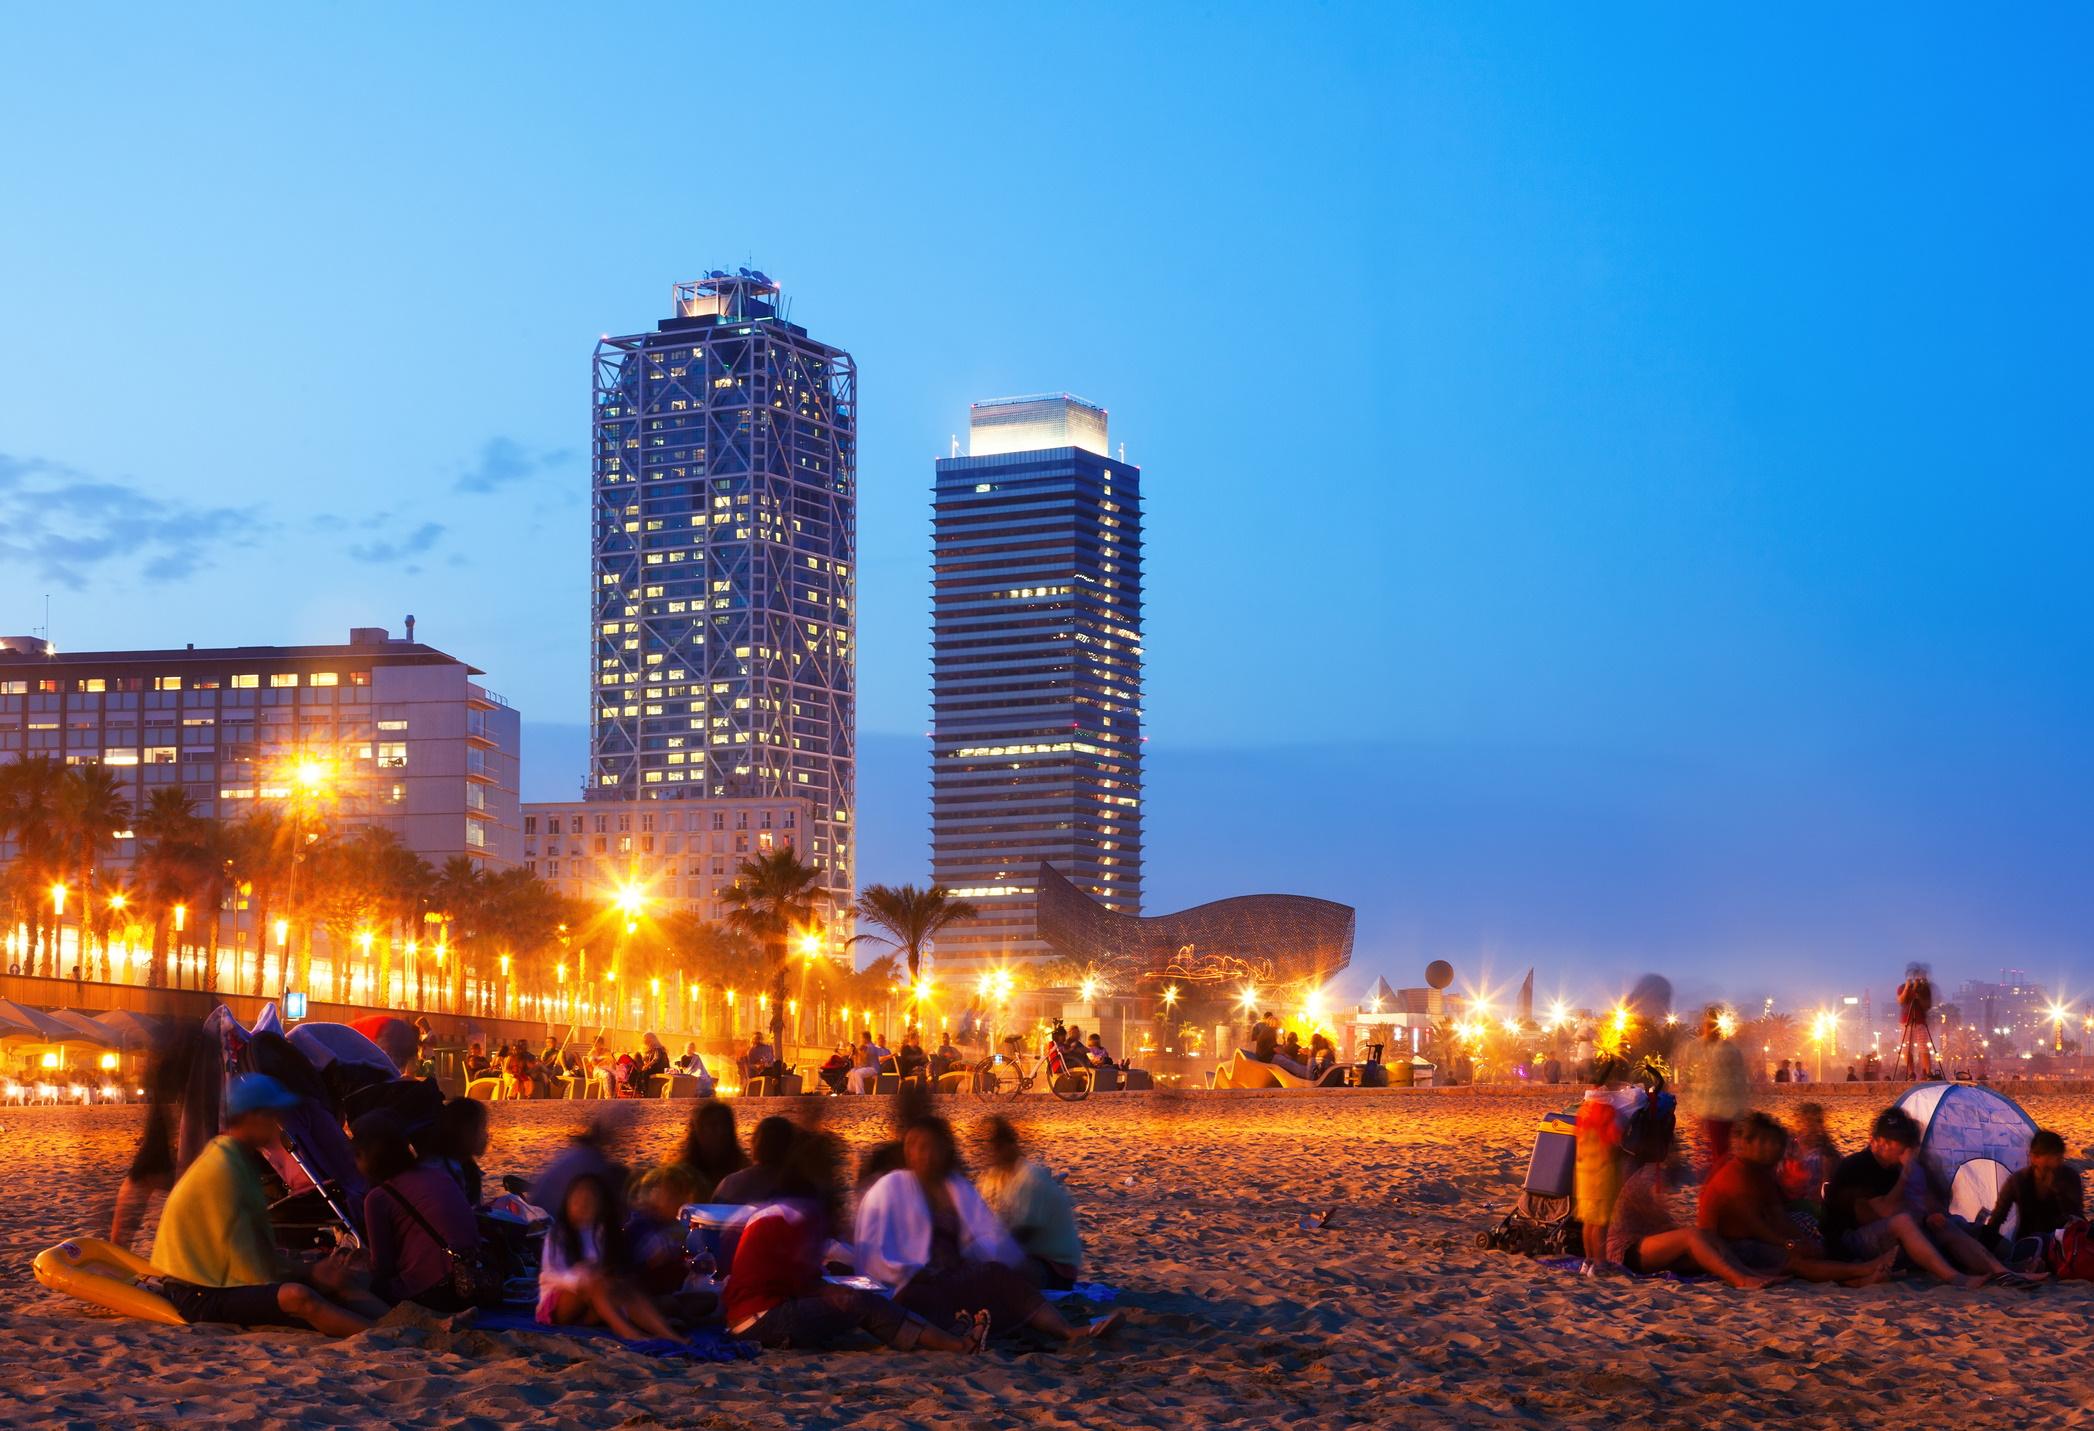 <p><strong>Барселона</strong></p>  <p>Нощният живот в Барселона се откроява със своето дълголетие. Под това имаме предвид, че там купоните са до зори буквално. Това не е никак странно предвид, че местните не вечерят преди 21 &ndash; 22 ч.</p>